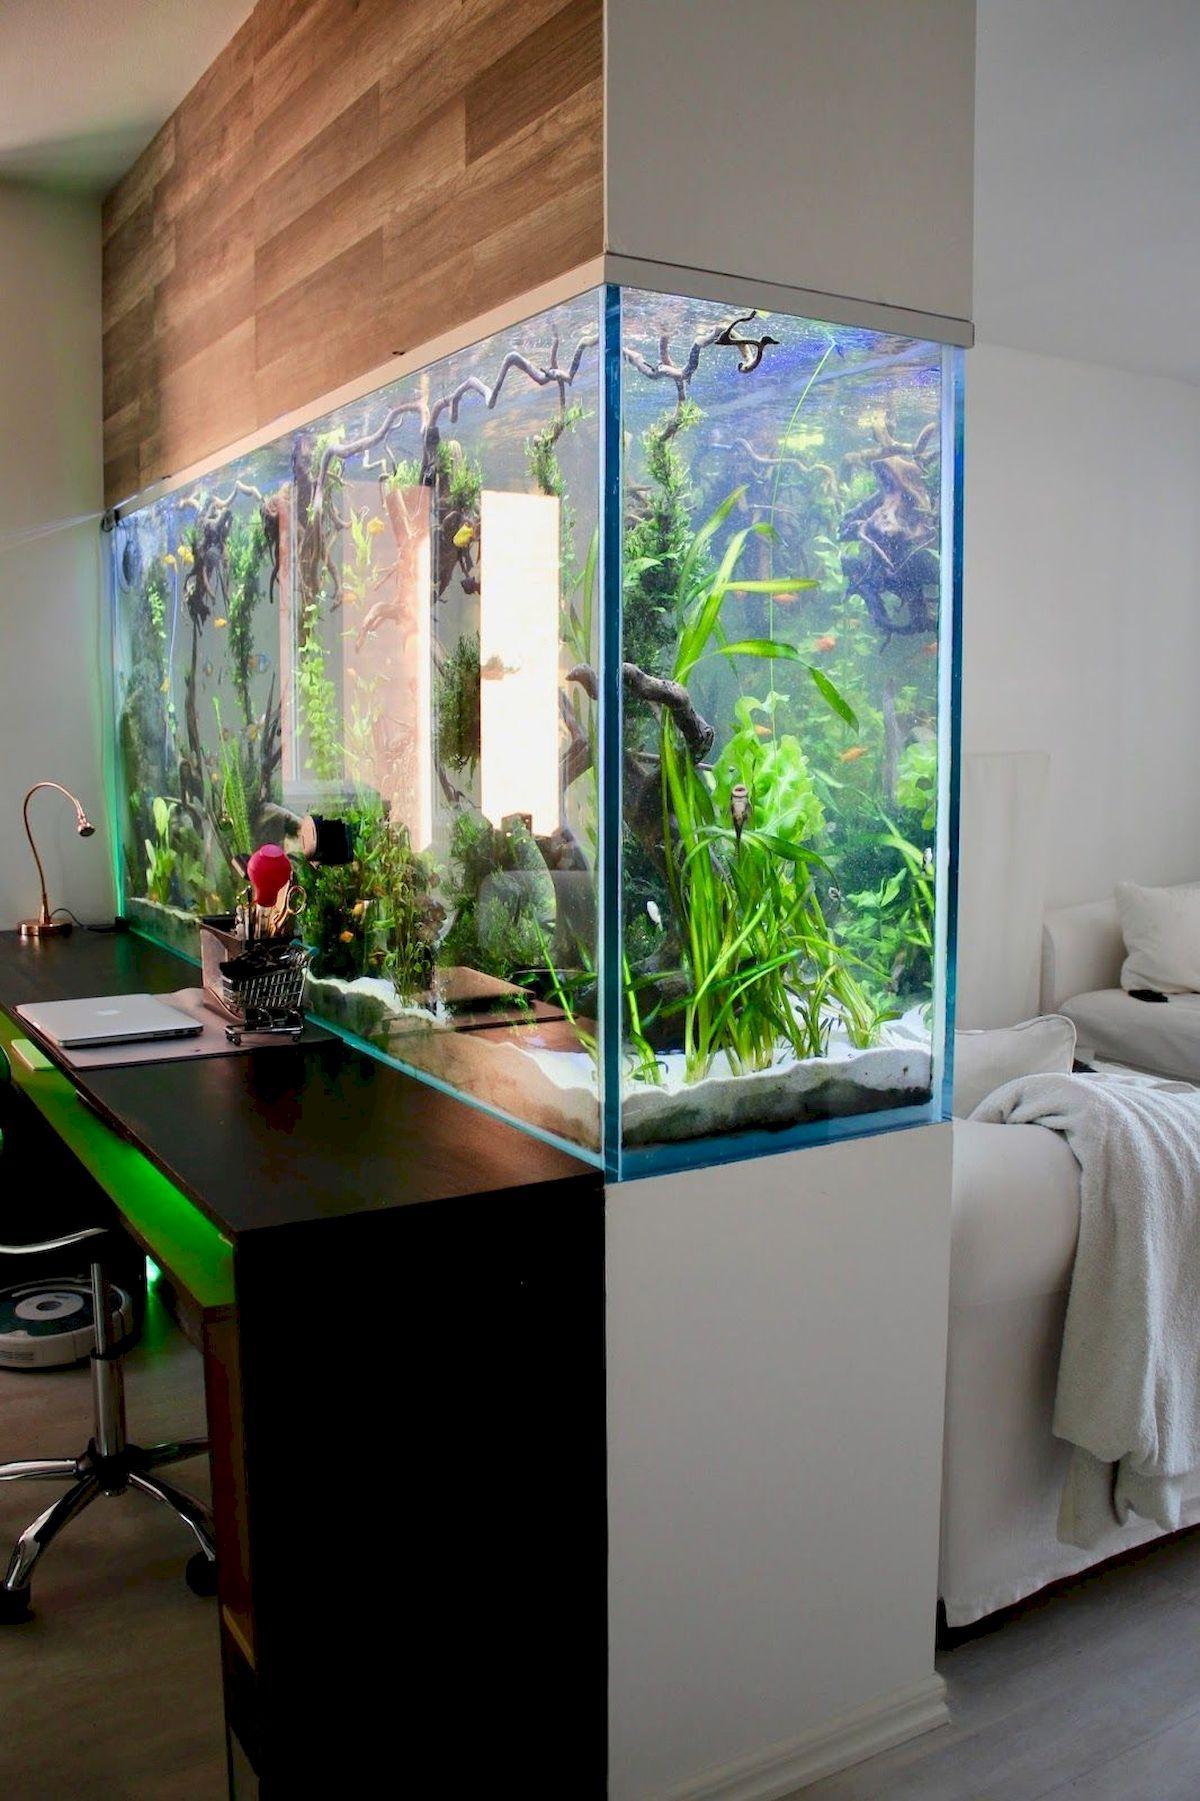 Aquarium wall decorating dise o de casas peceras en casa dise o de acuario y peceras marinas Peceras de diseno